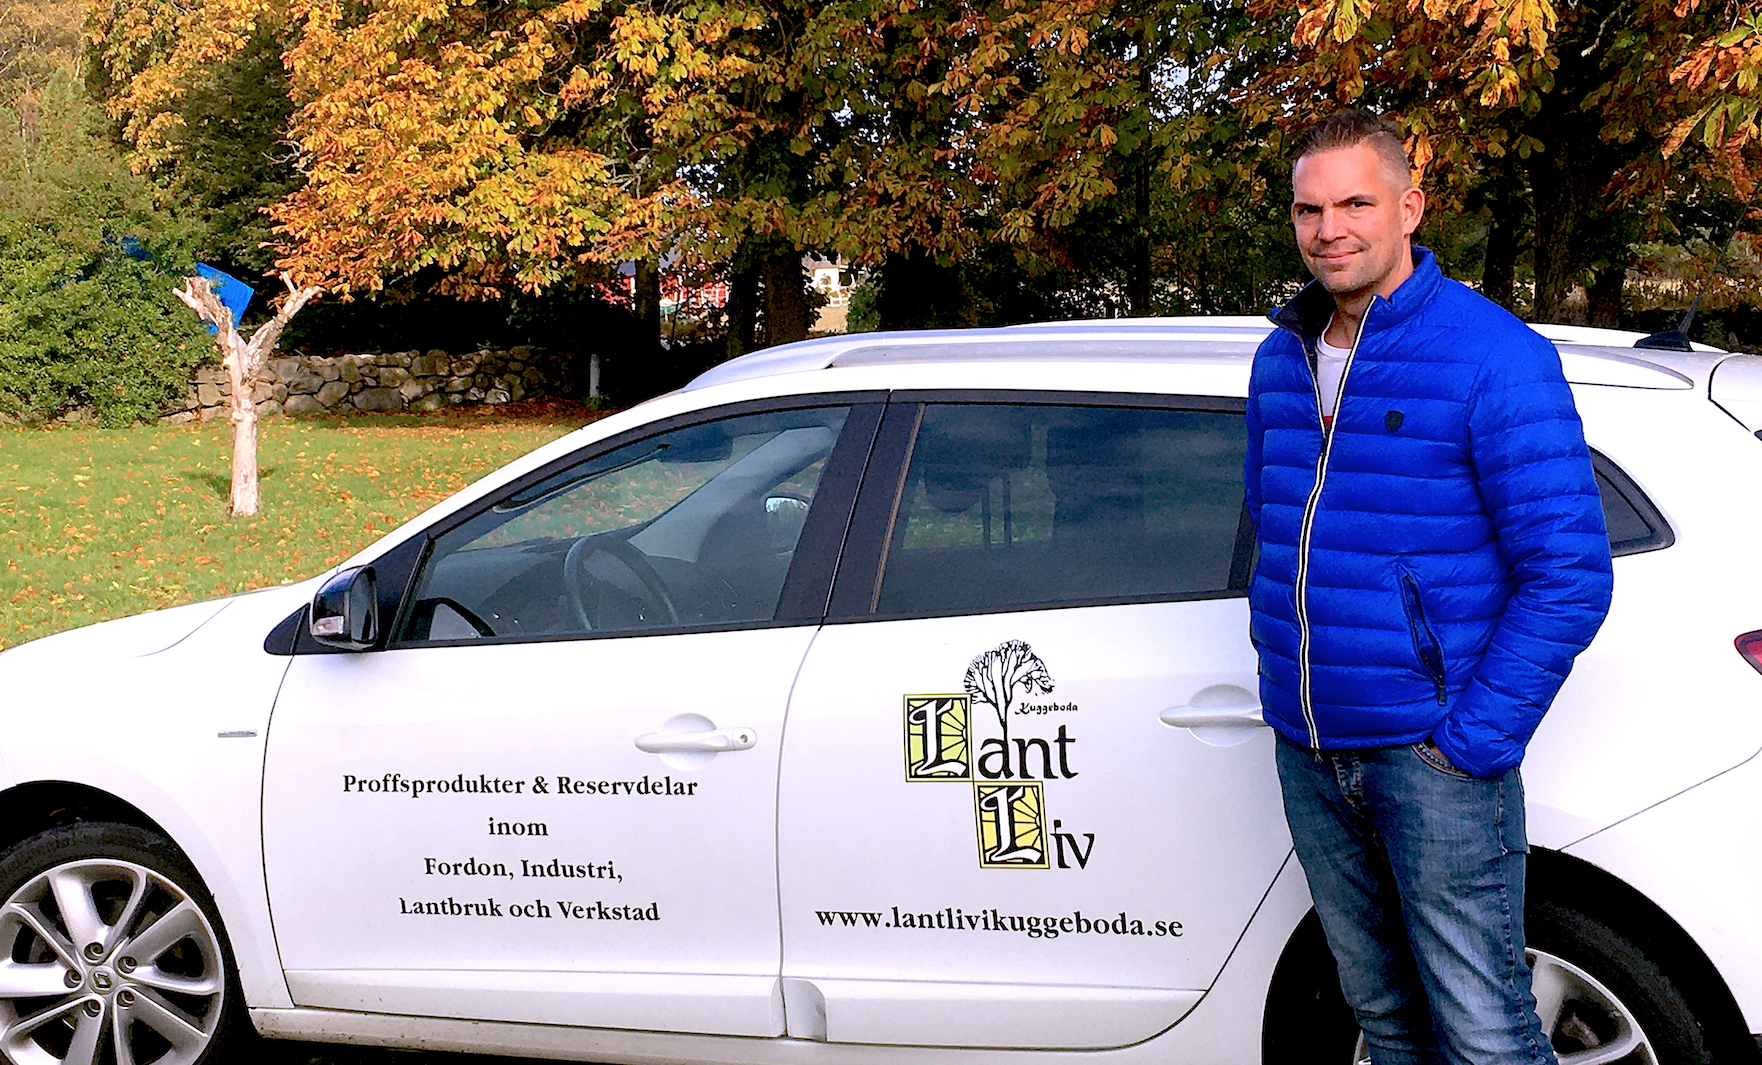 CEO för Lantliv i Kuggeboda AB - Billiga proffsprodukter för lantlbruk, industri, fordon och verkstad